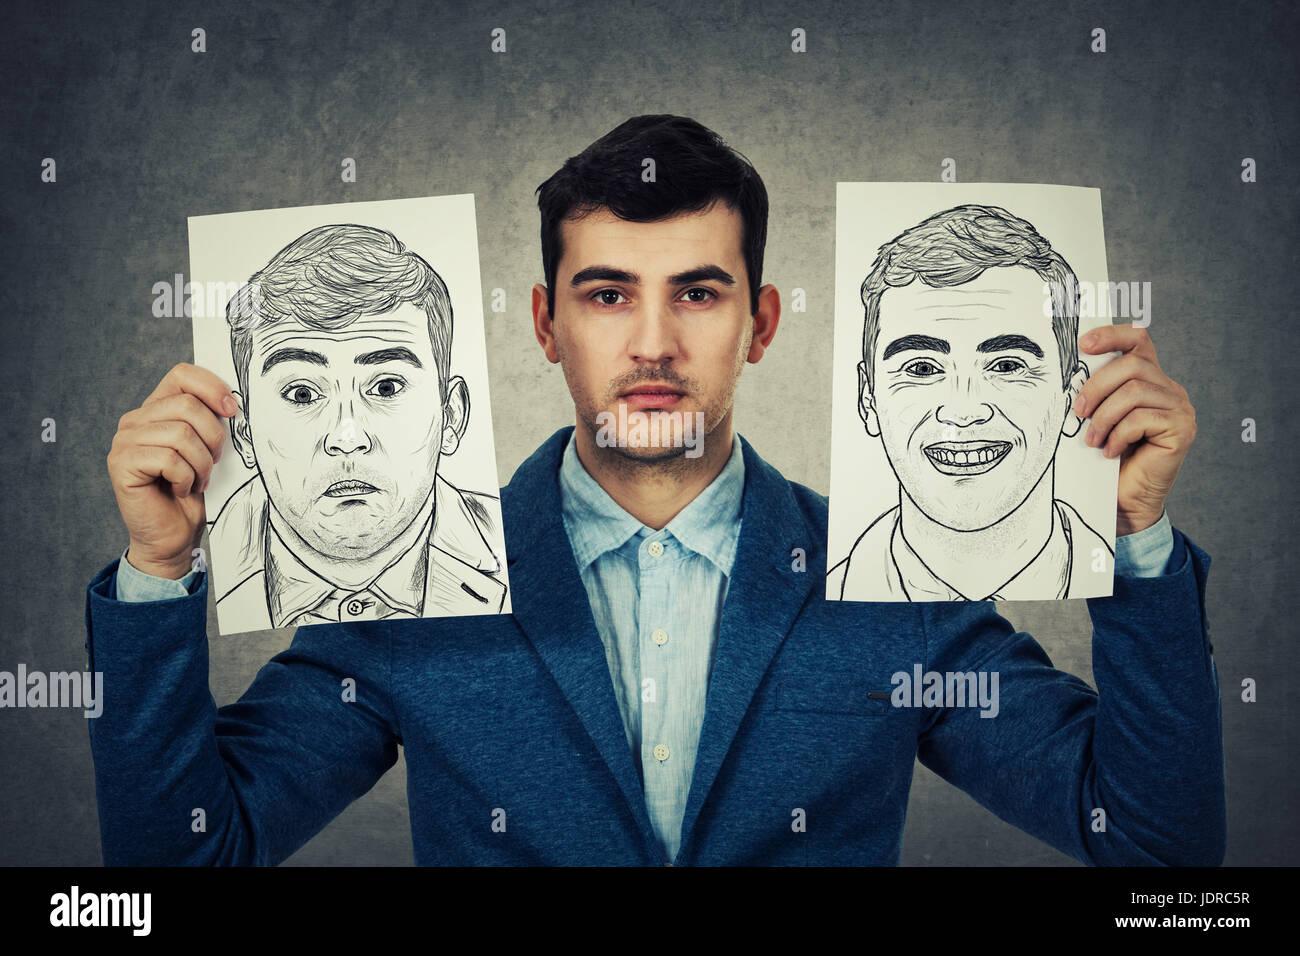 Deprimiert Geschäftsmann hält zwei weiße Papiere mit unterschiedlichen Emotionen gezeichnet. Ändern Stockbild